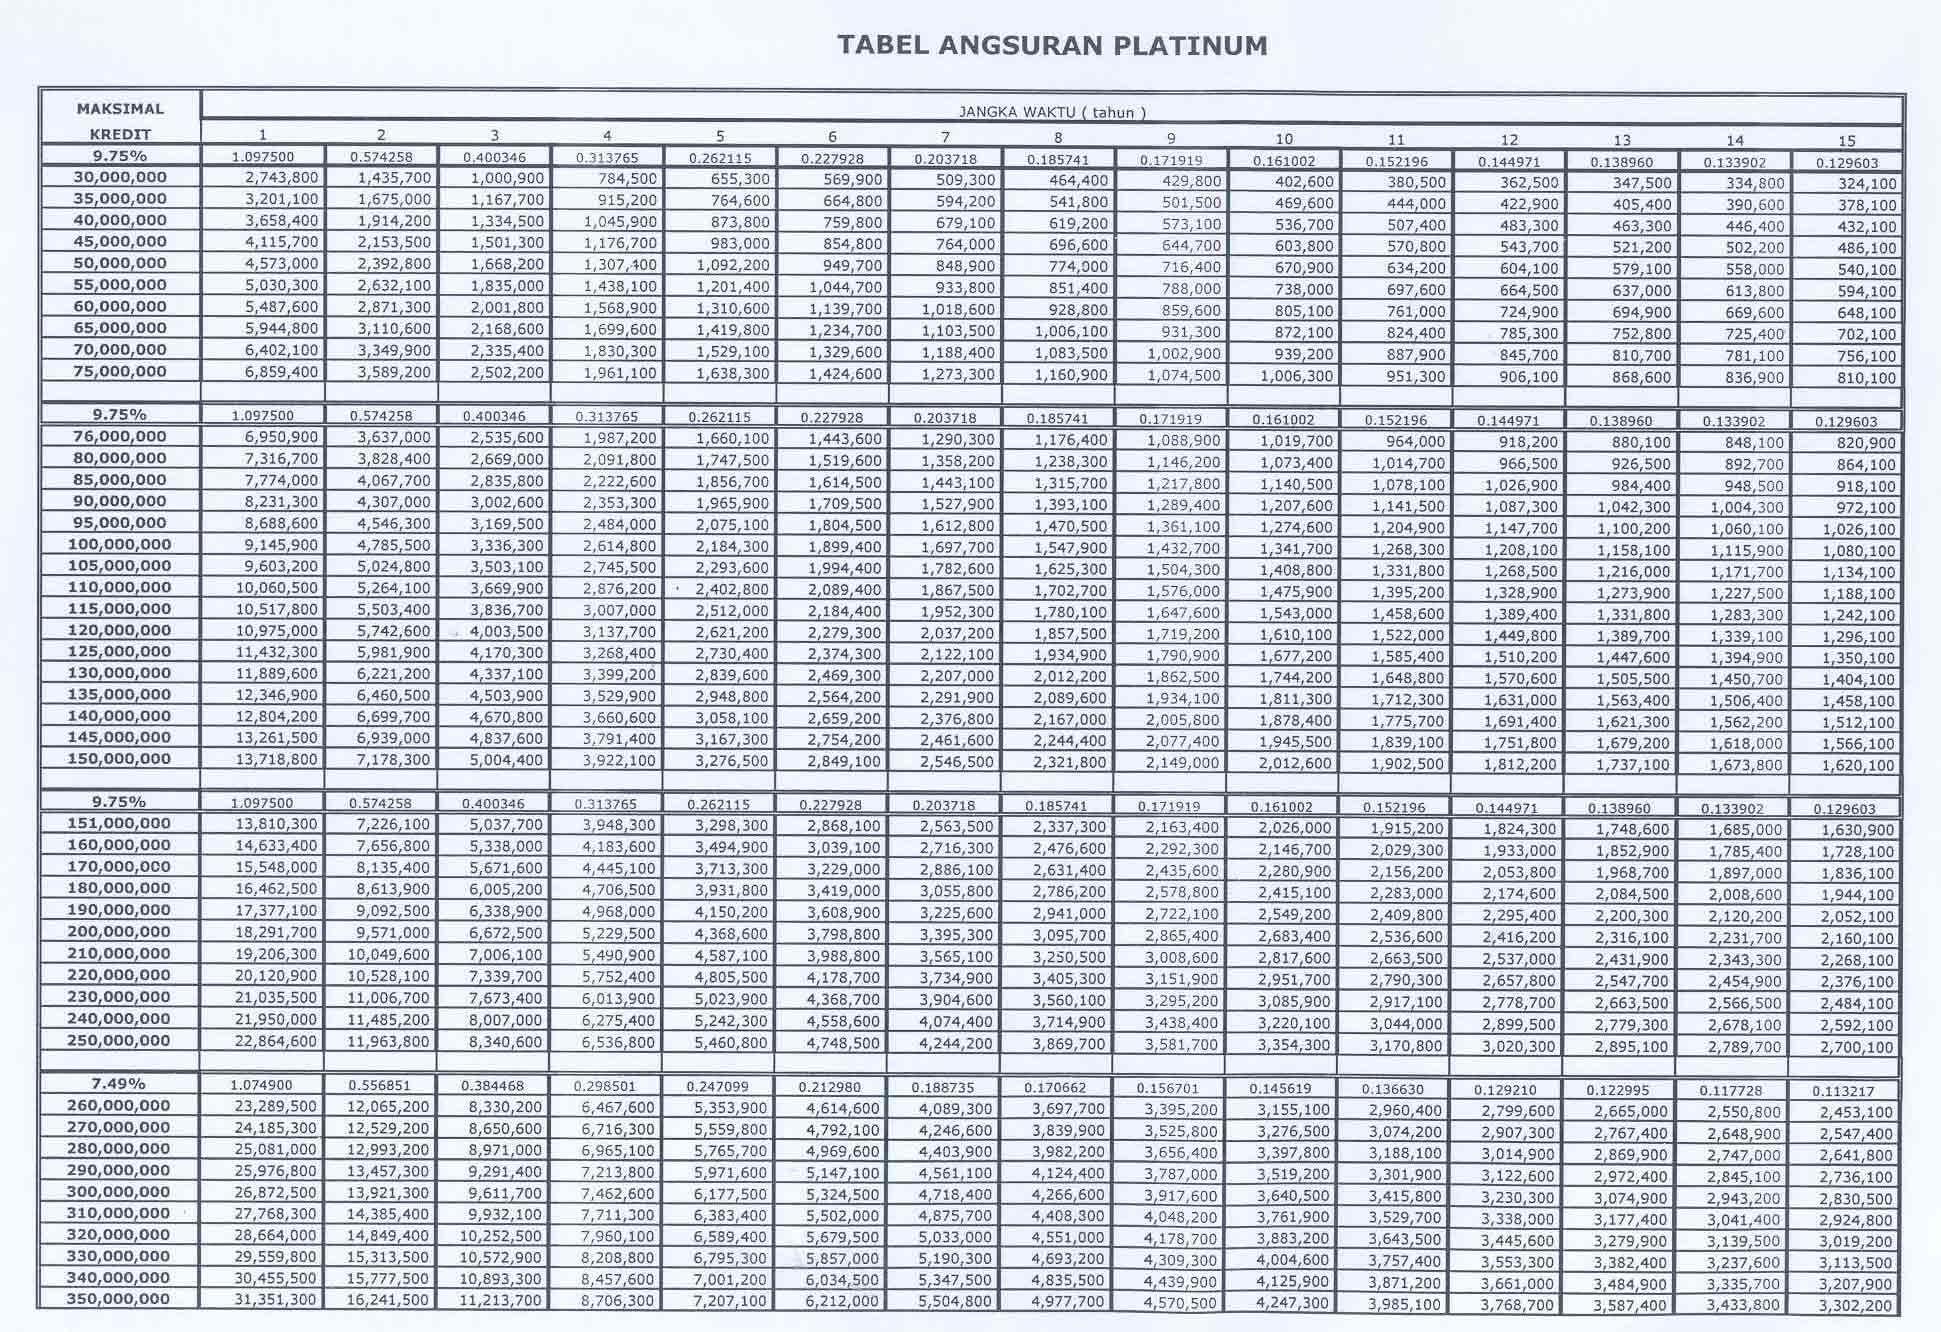 tabel angsuran kpr bank btn tahun 2012 kpr bri kredit ...